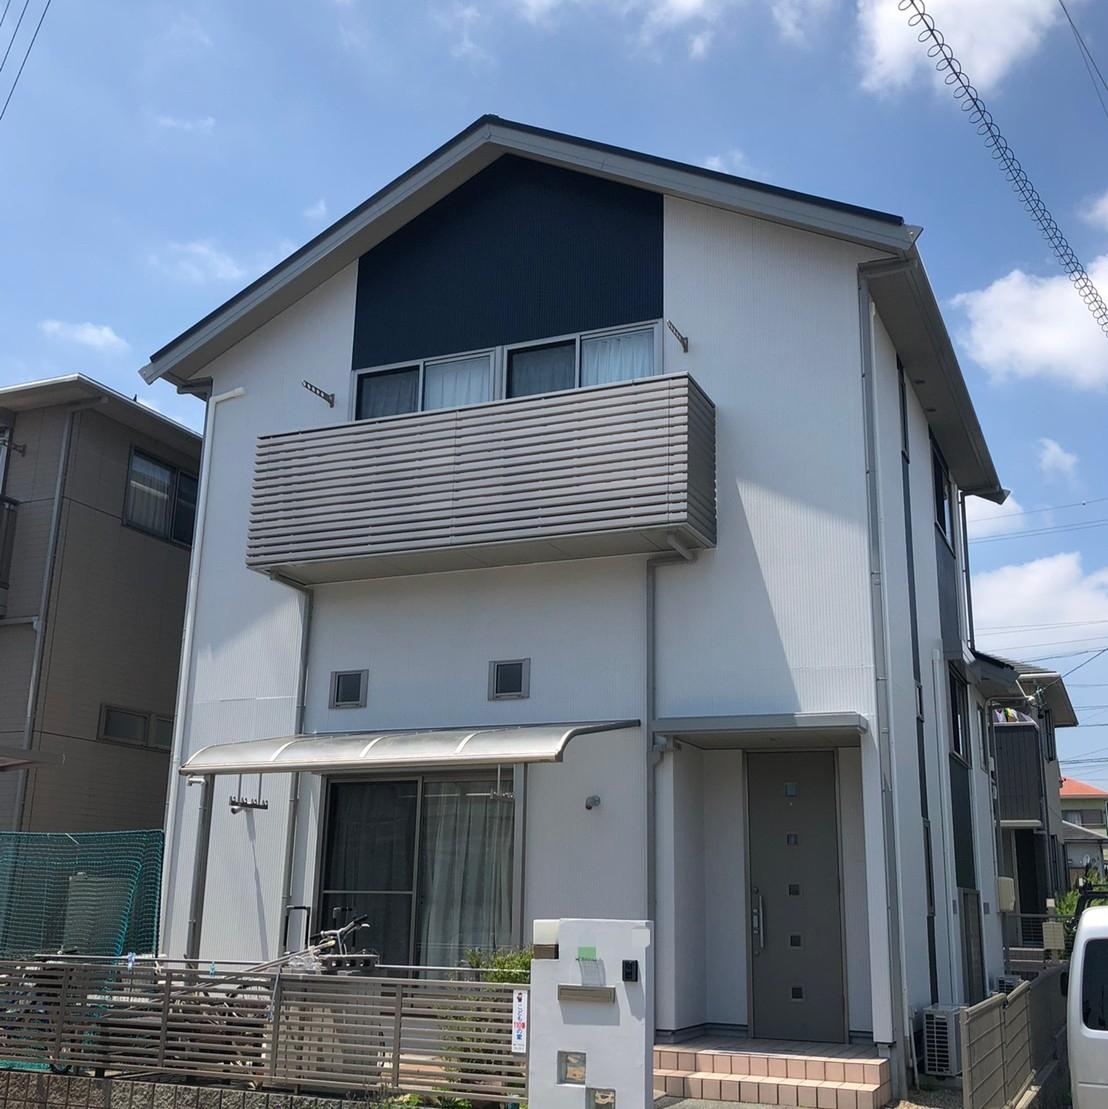 jirei_image54662